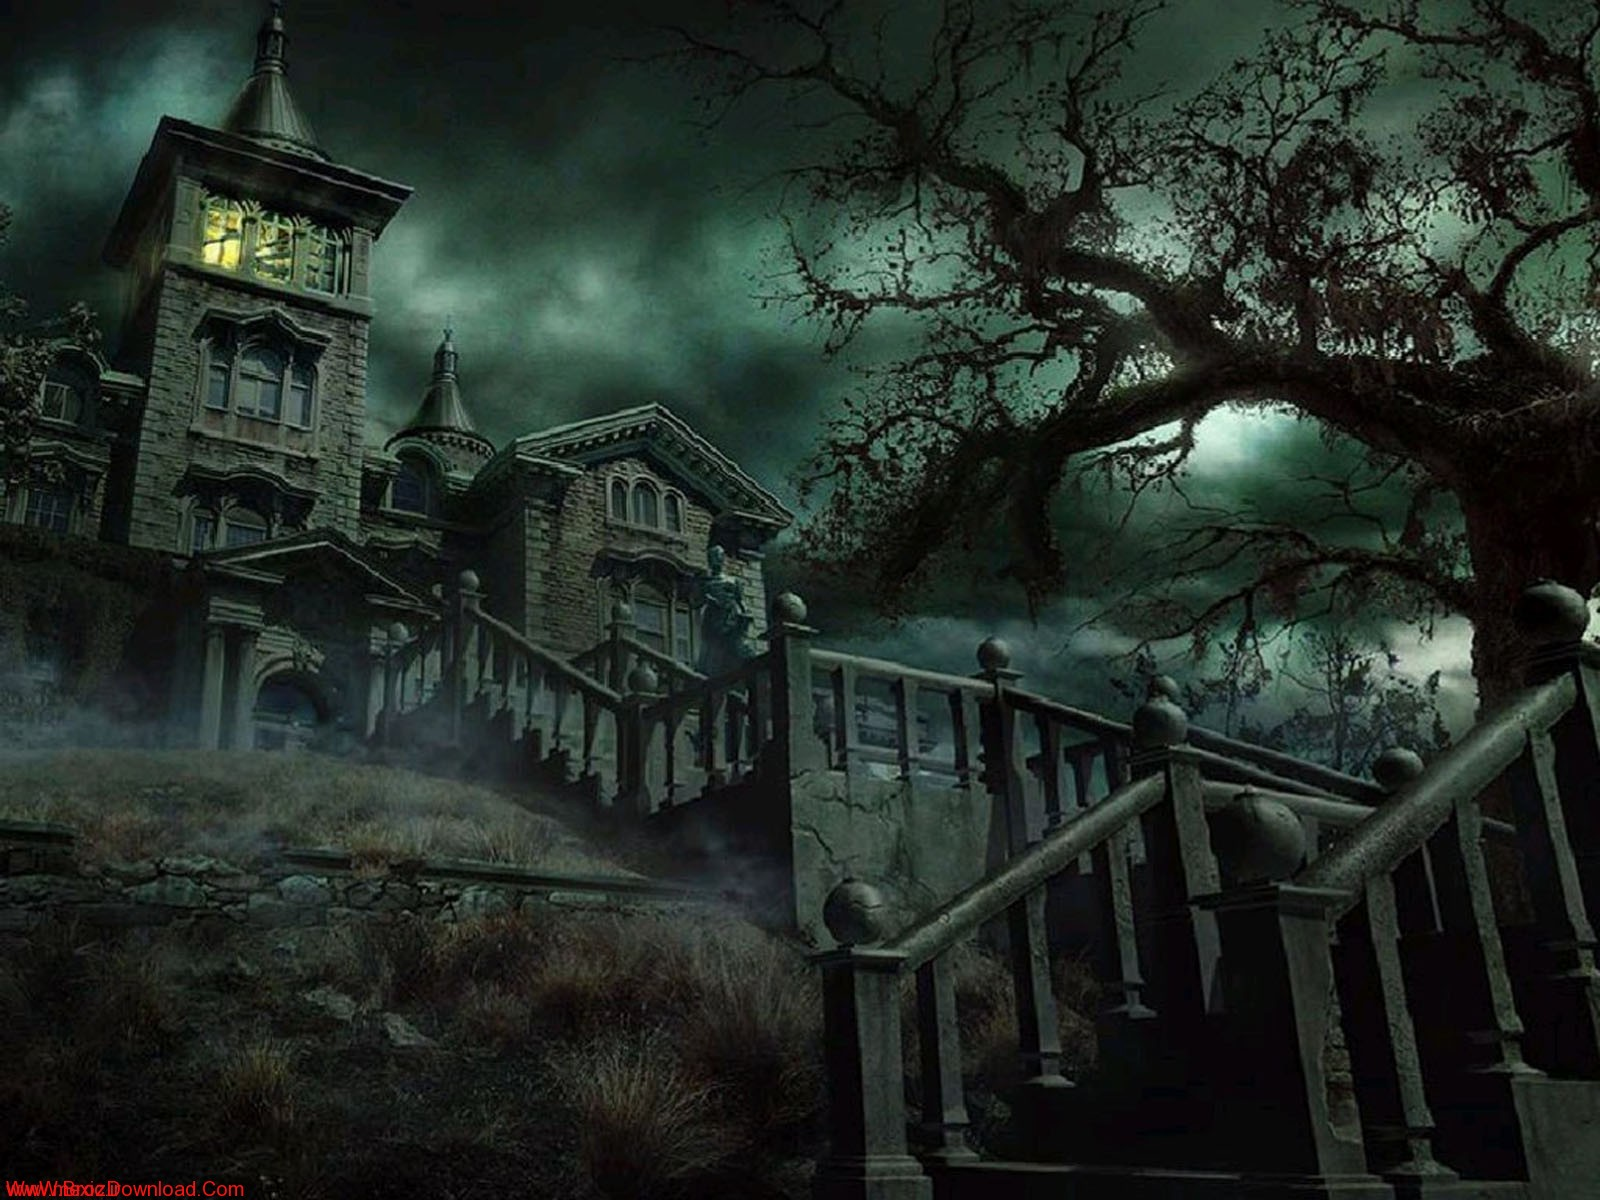 چرا داستان های ترسناک را دوست داریم؟